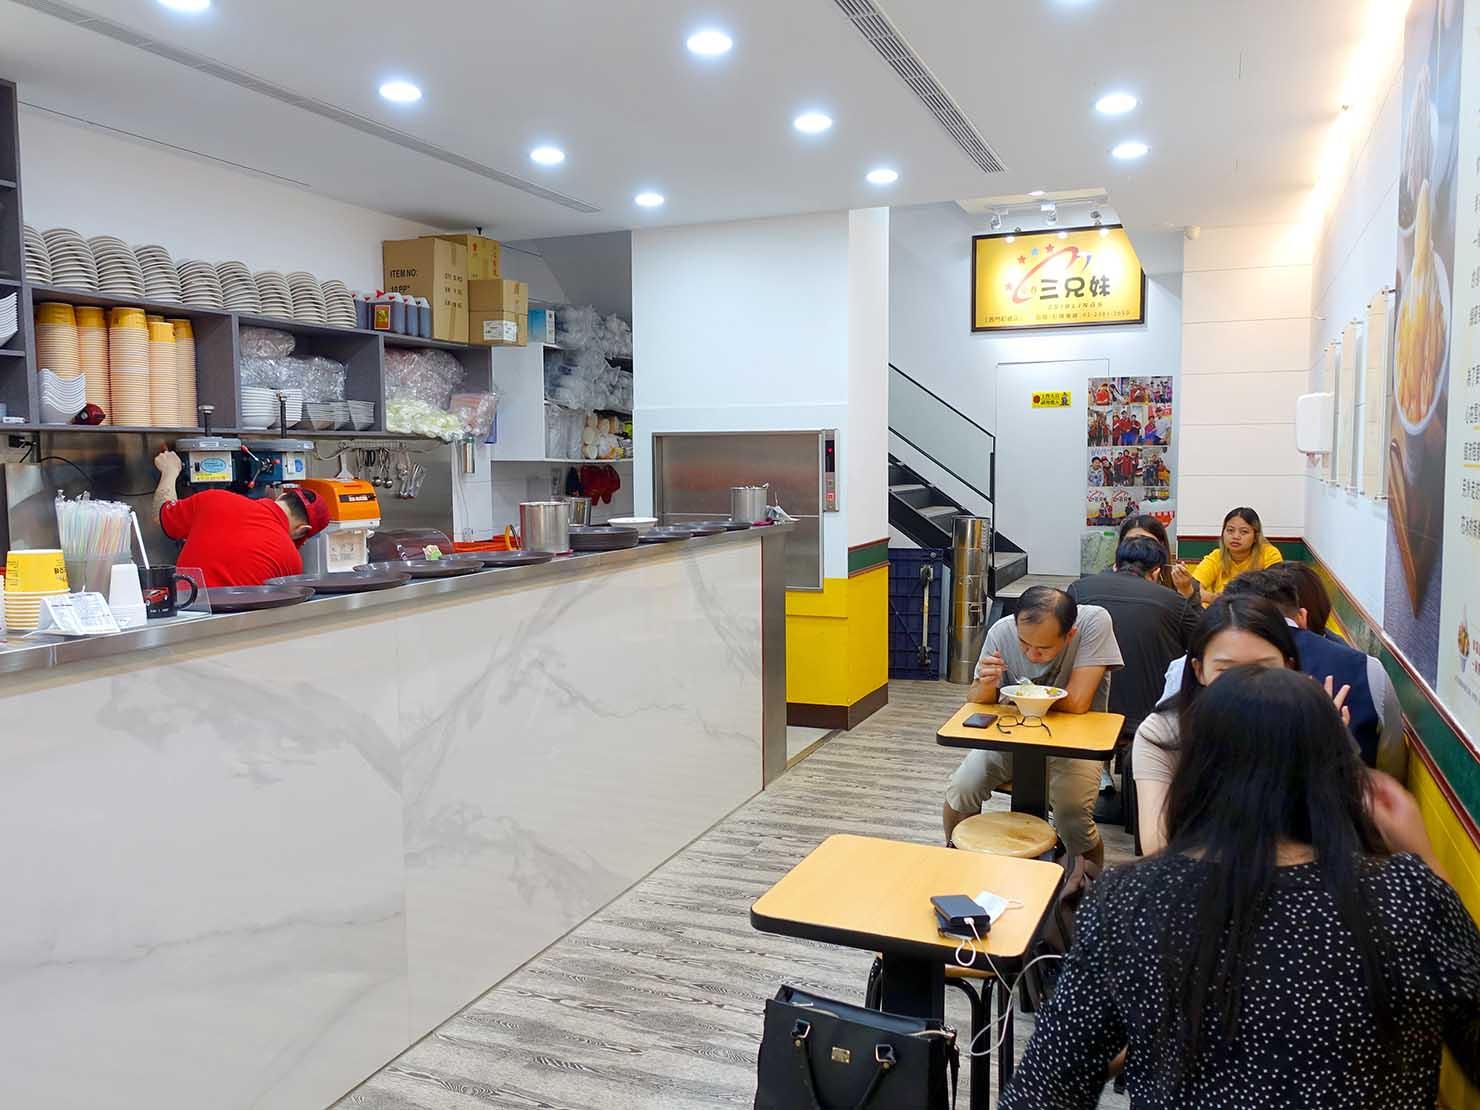 台北・西門町のおすすめひんやりスイーツ店「三兄妹雪花冰」の店内